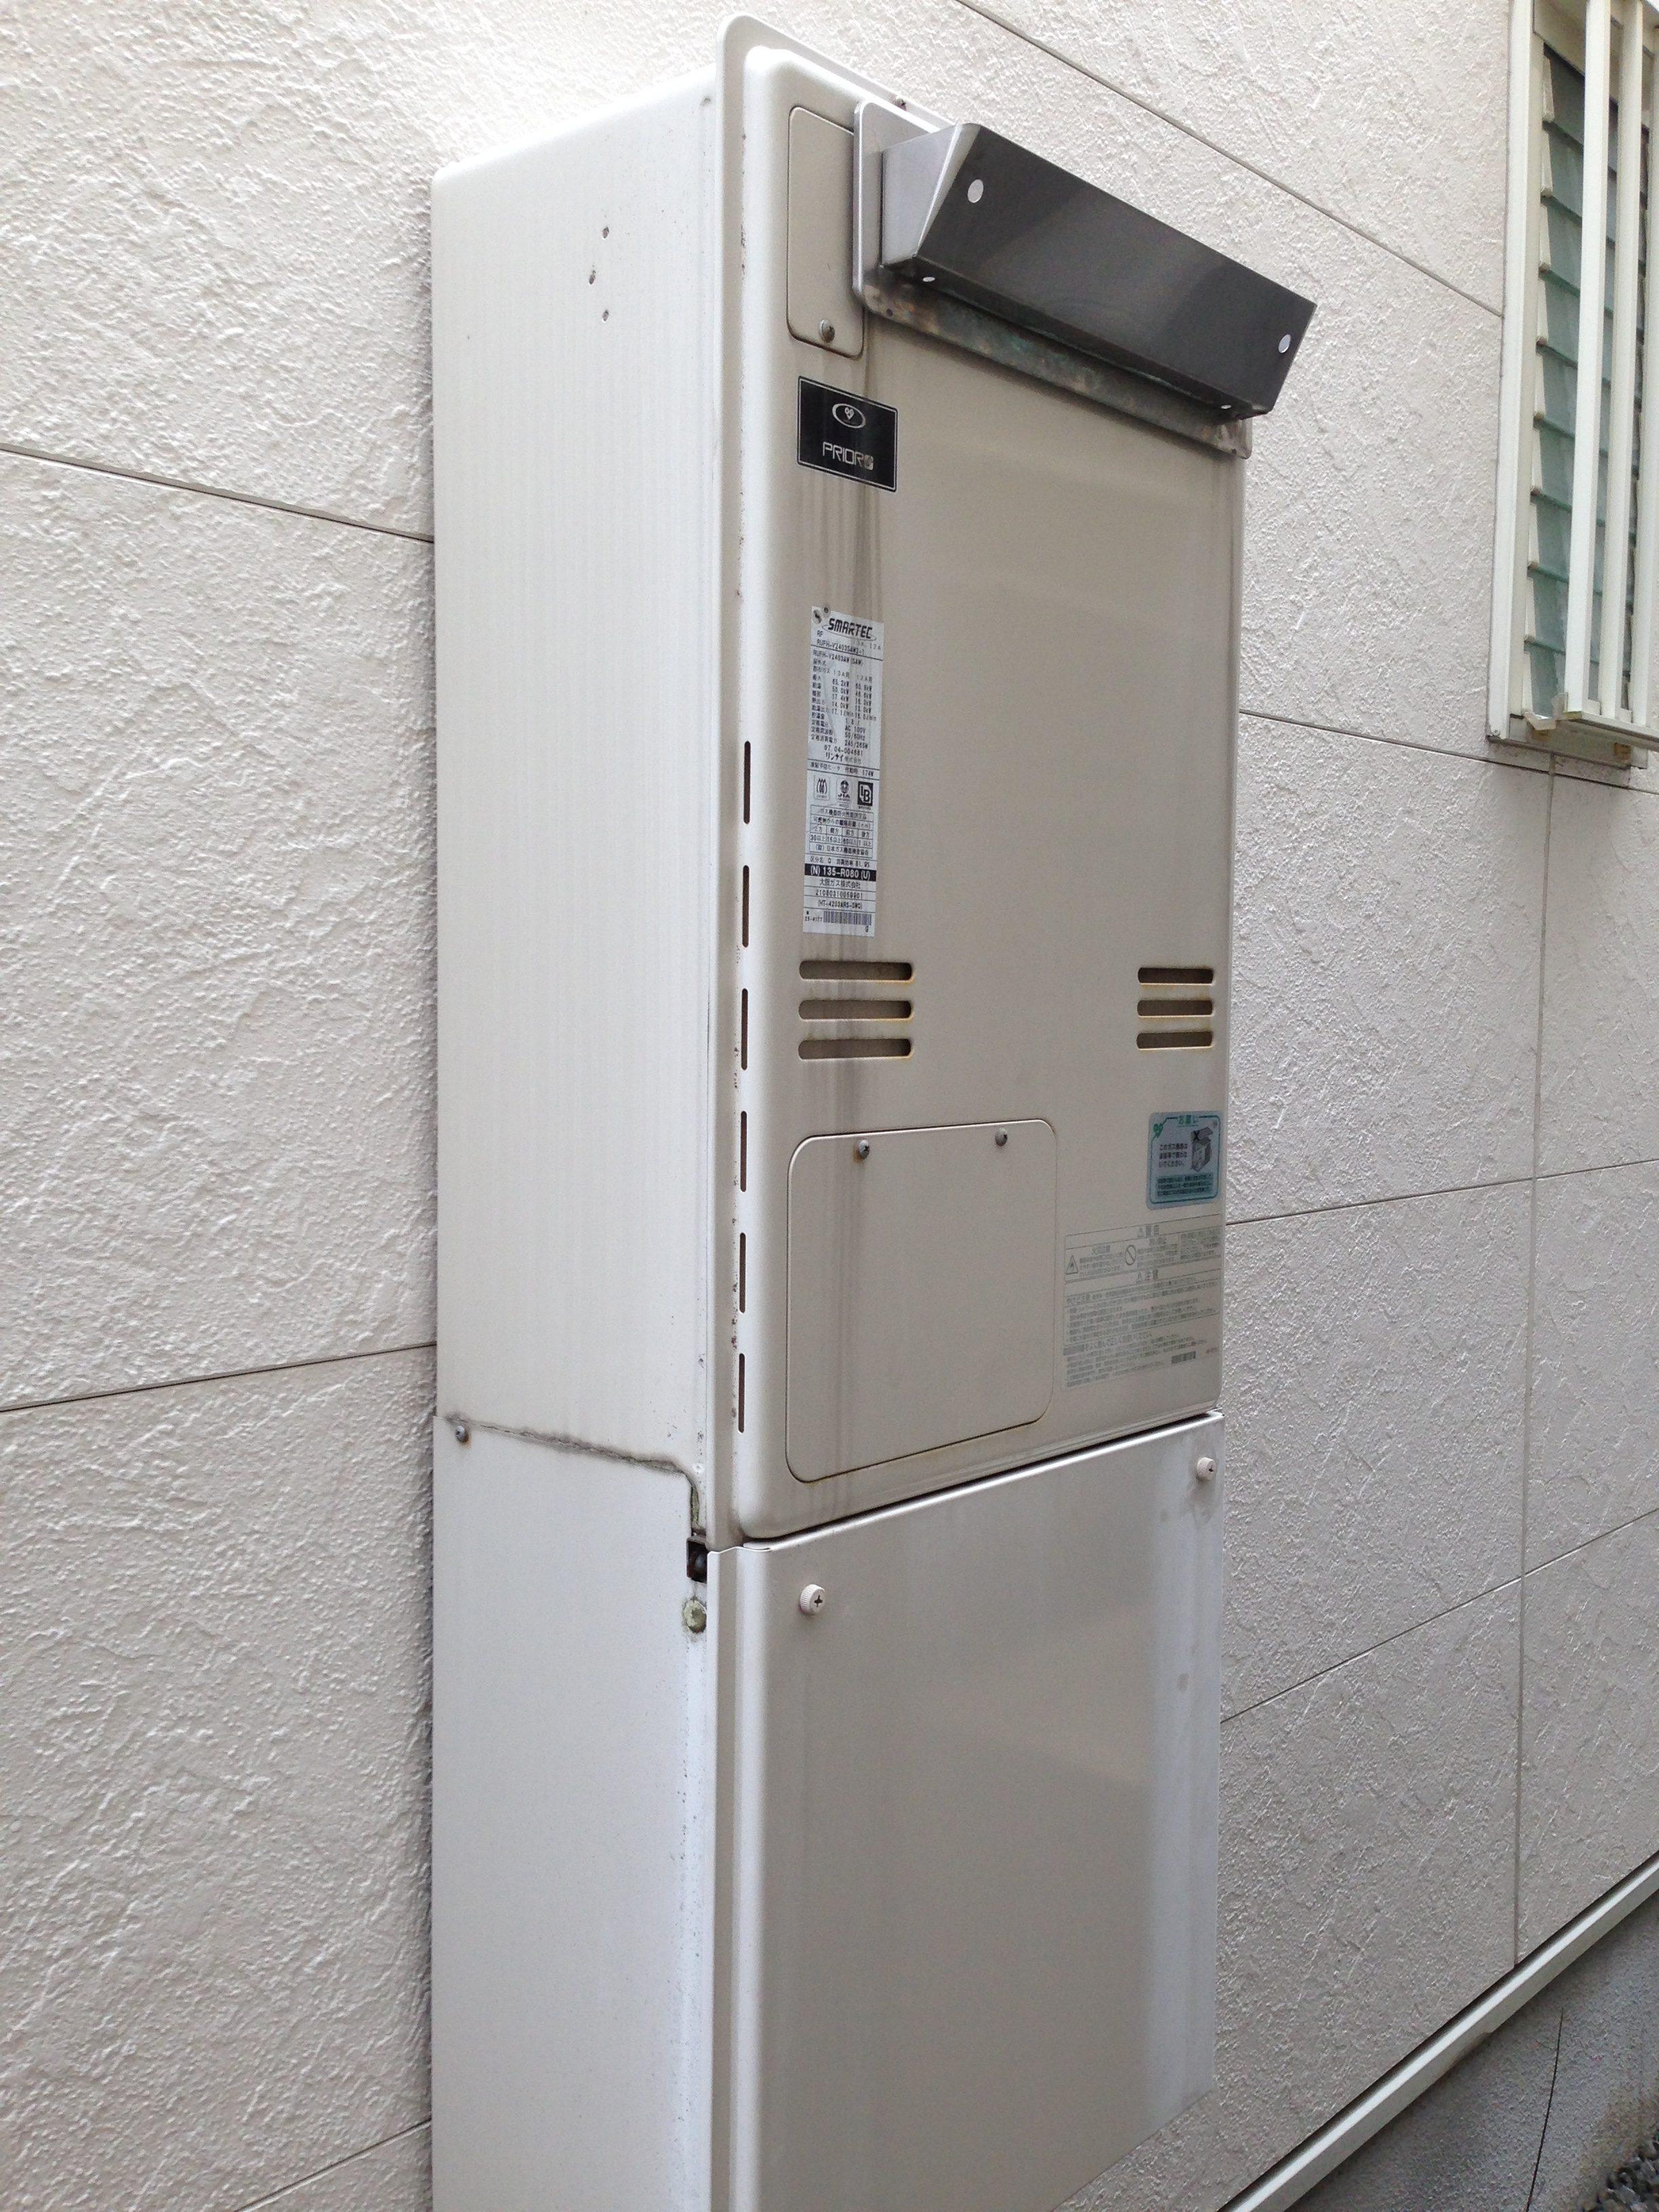 ノーリツ エコジョーズ 暖房機能付給湯器交換 大阪府茨木市 M様邸